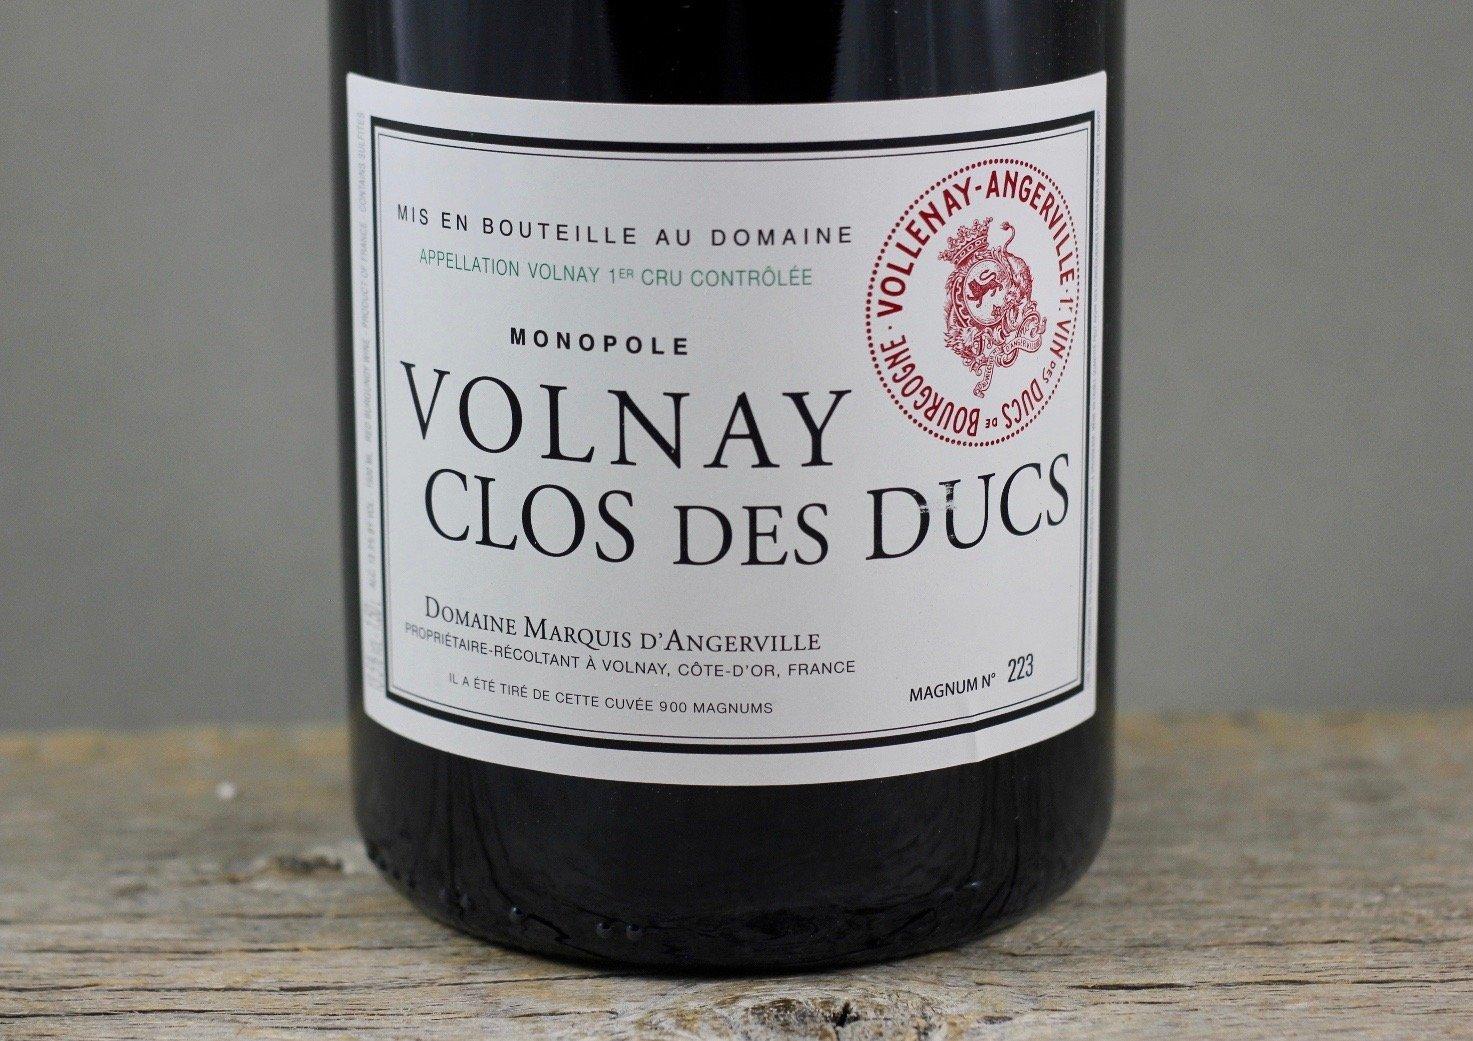 Domaine Marquis D Angerville Clos Des Ducs Monopole Volnay 1er Cru Pinot Noir 2006 1500ml Kogod Wine Merchant